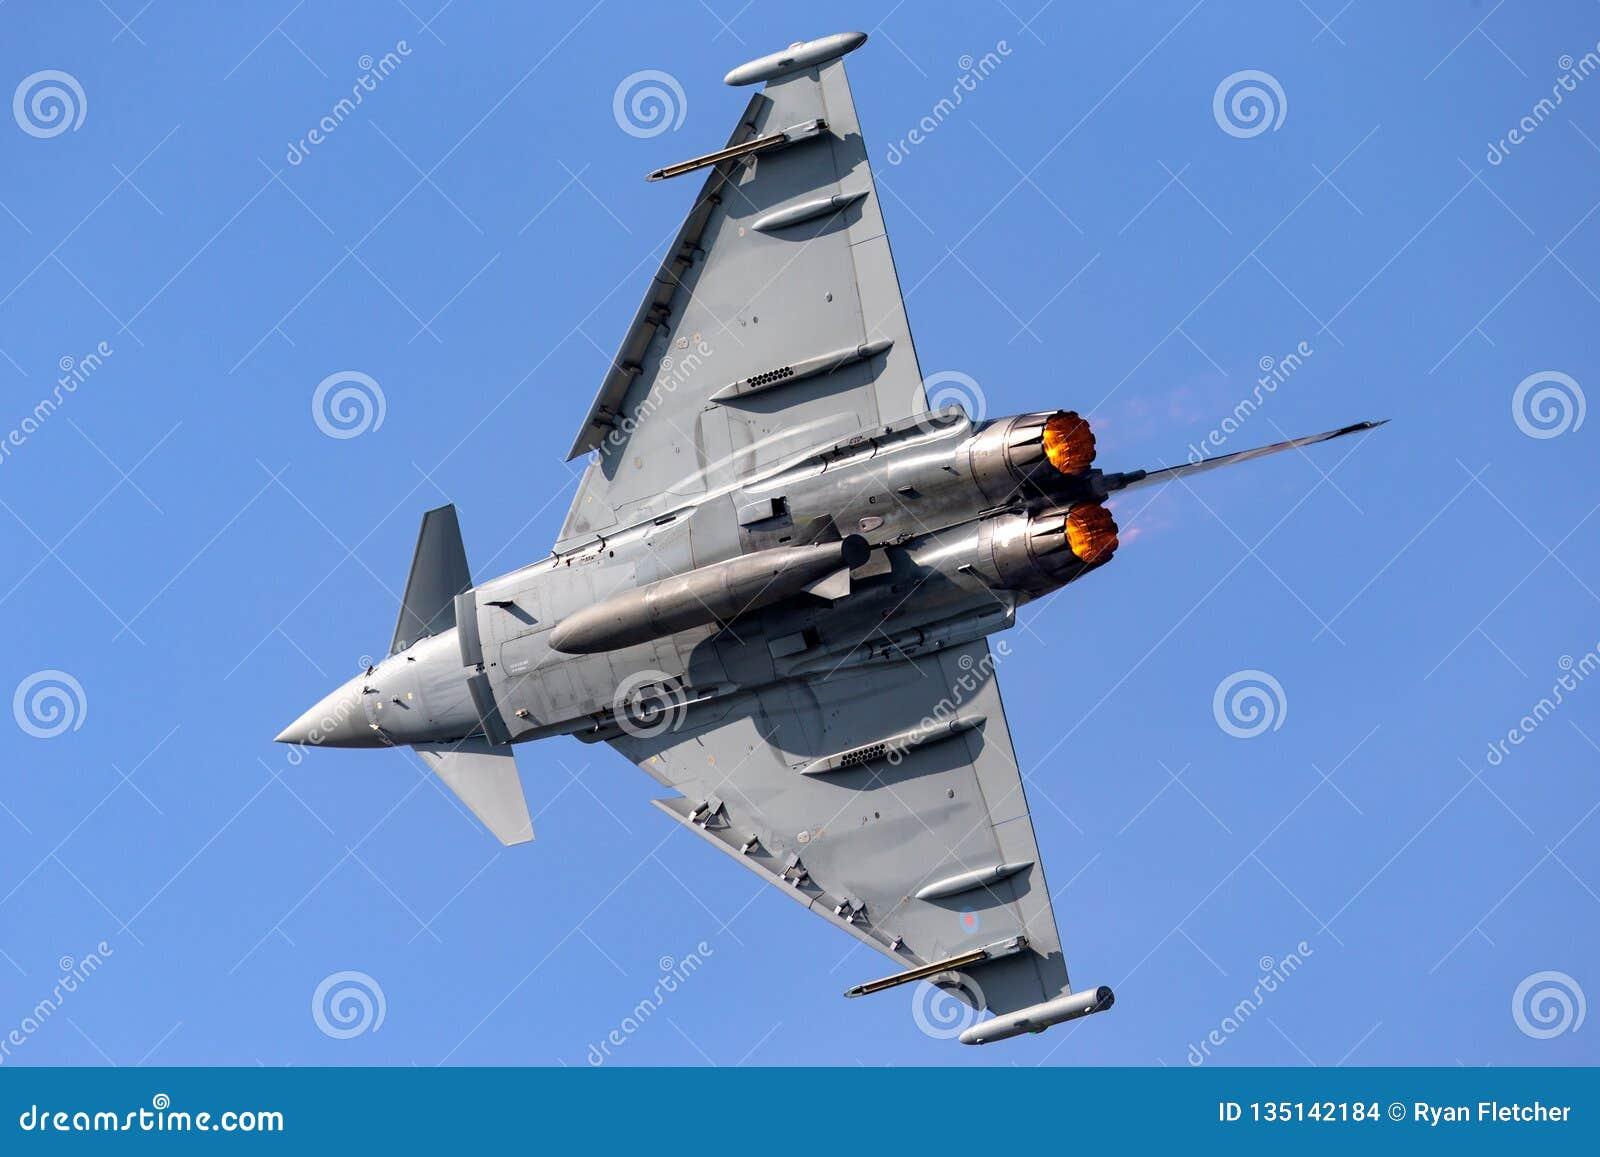 英国皇家空军皇家空军Eurofighter EF-2000台风从没有的FGR4 ZK343 29R分谴舰队根据在皇家空军Coningsby